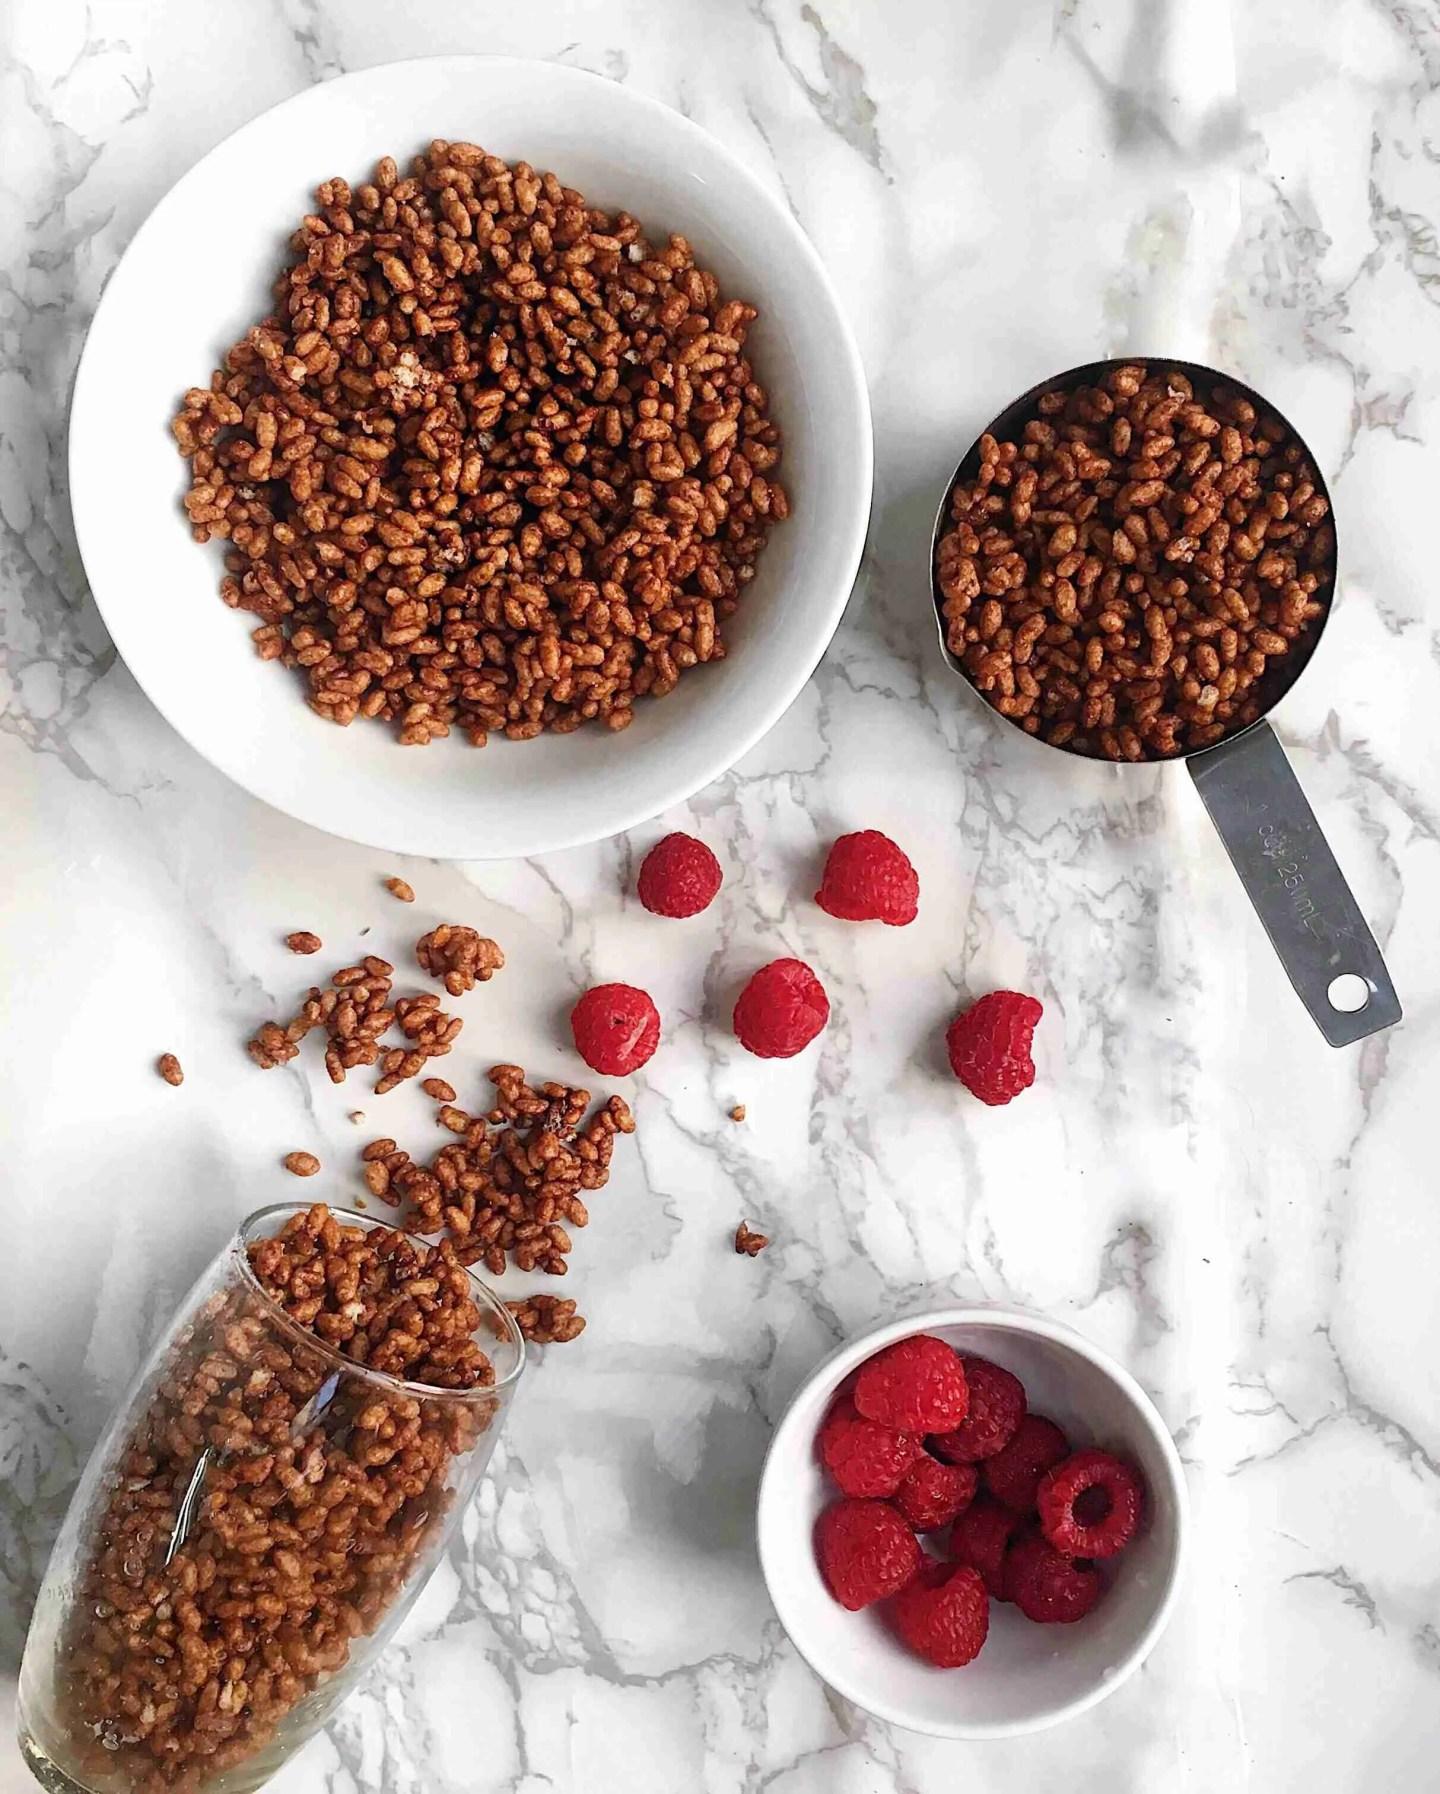 Healthy Cocoa Pops Cereal Recipe